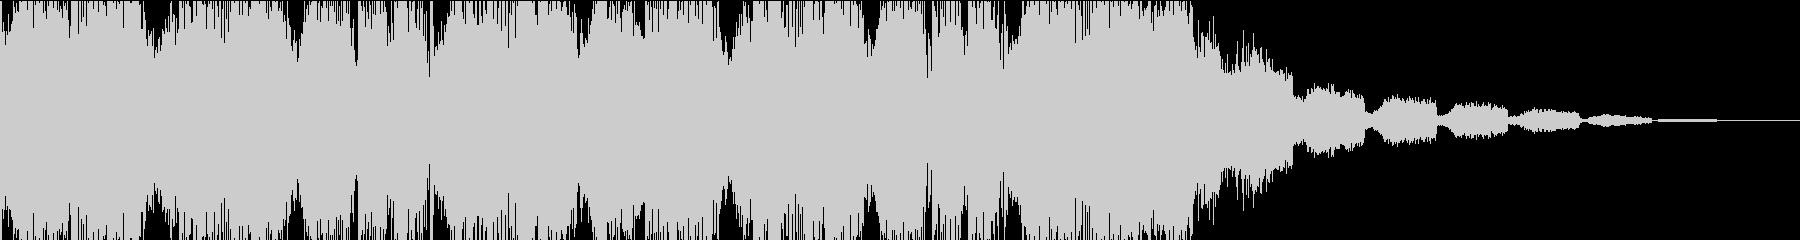 カッコイイUKハードコアテクノジングル2の未再生の波形